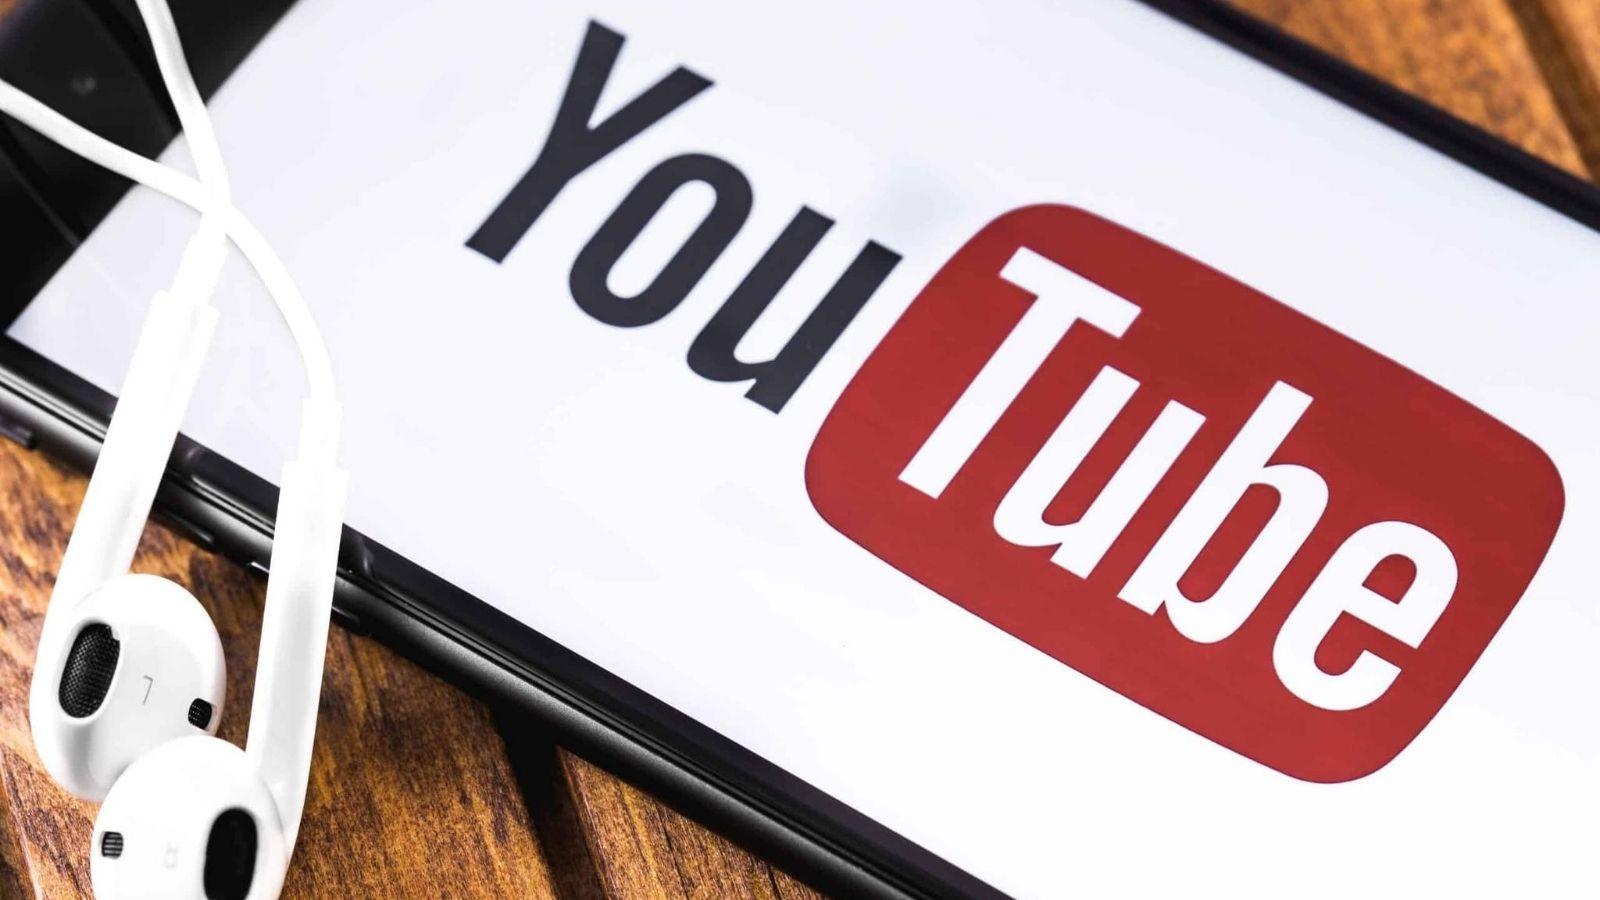 Jak Covid-19 wpłynął na kampanie reklamowe na YouTube? Social media mediarun yt top